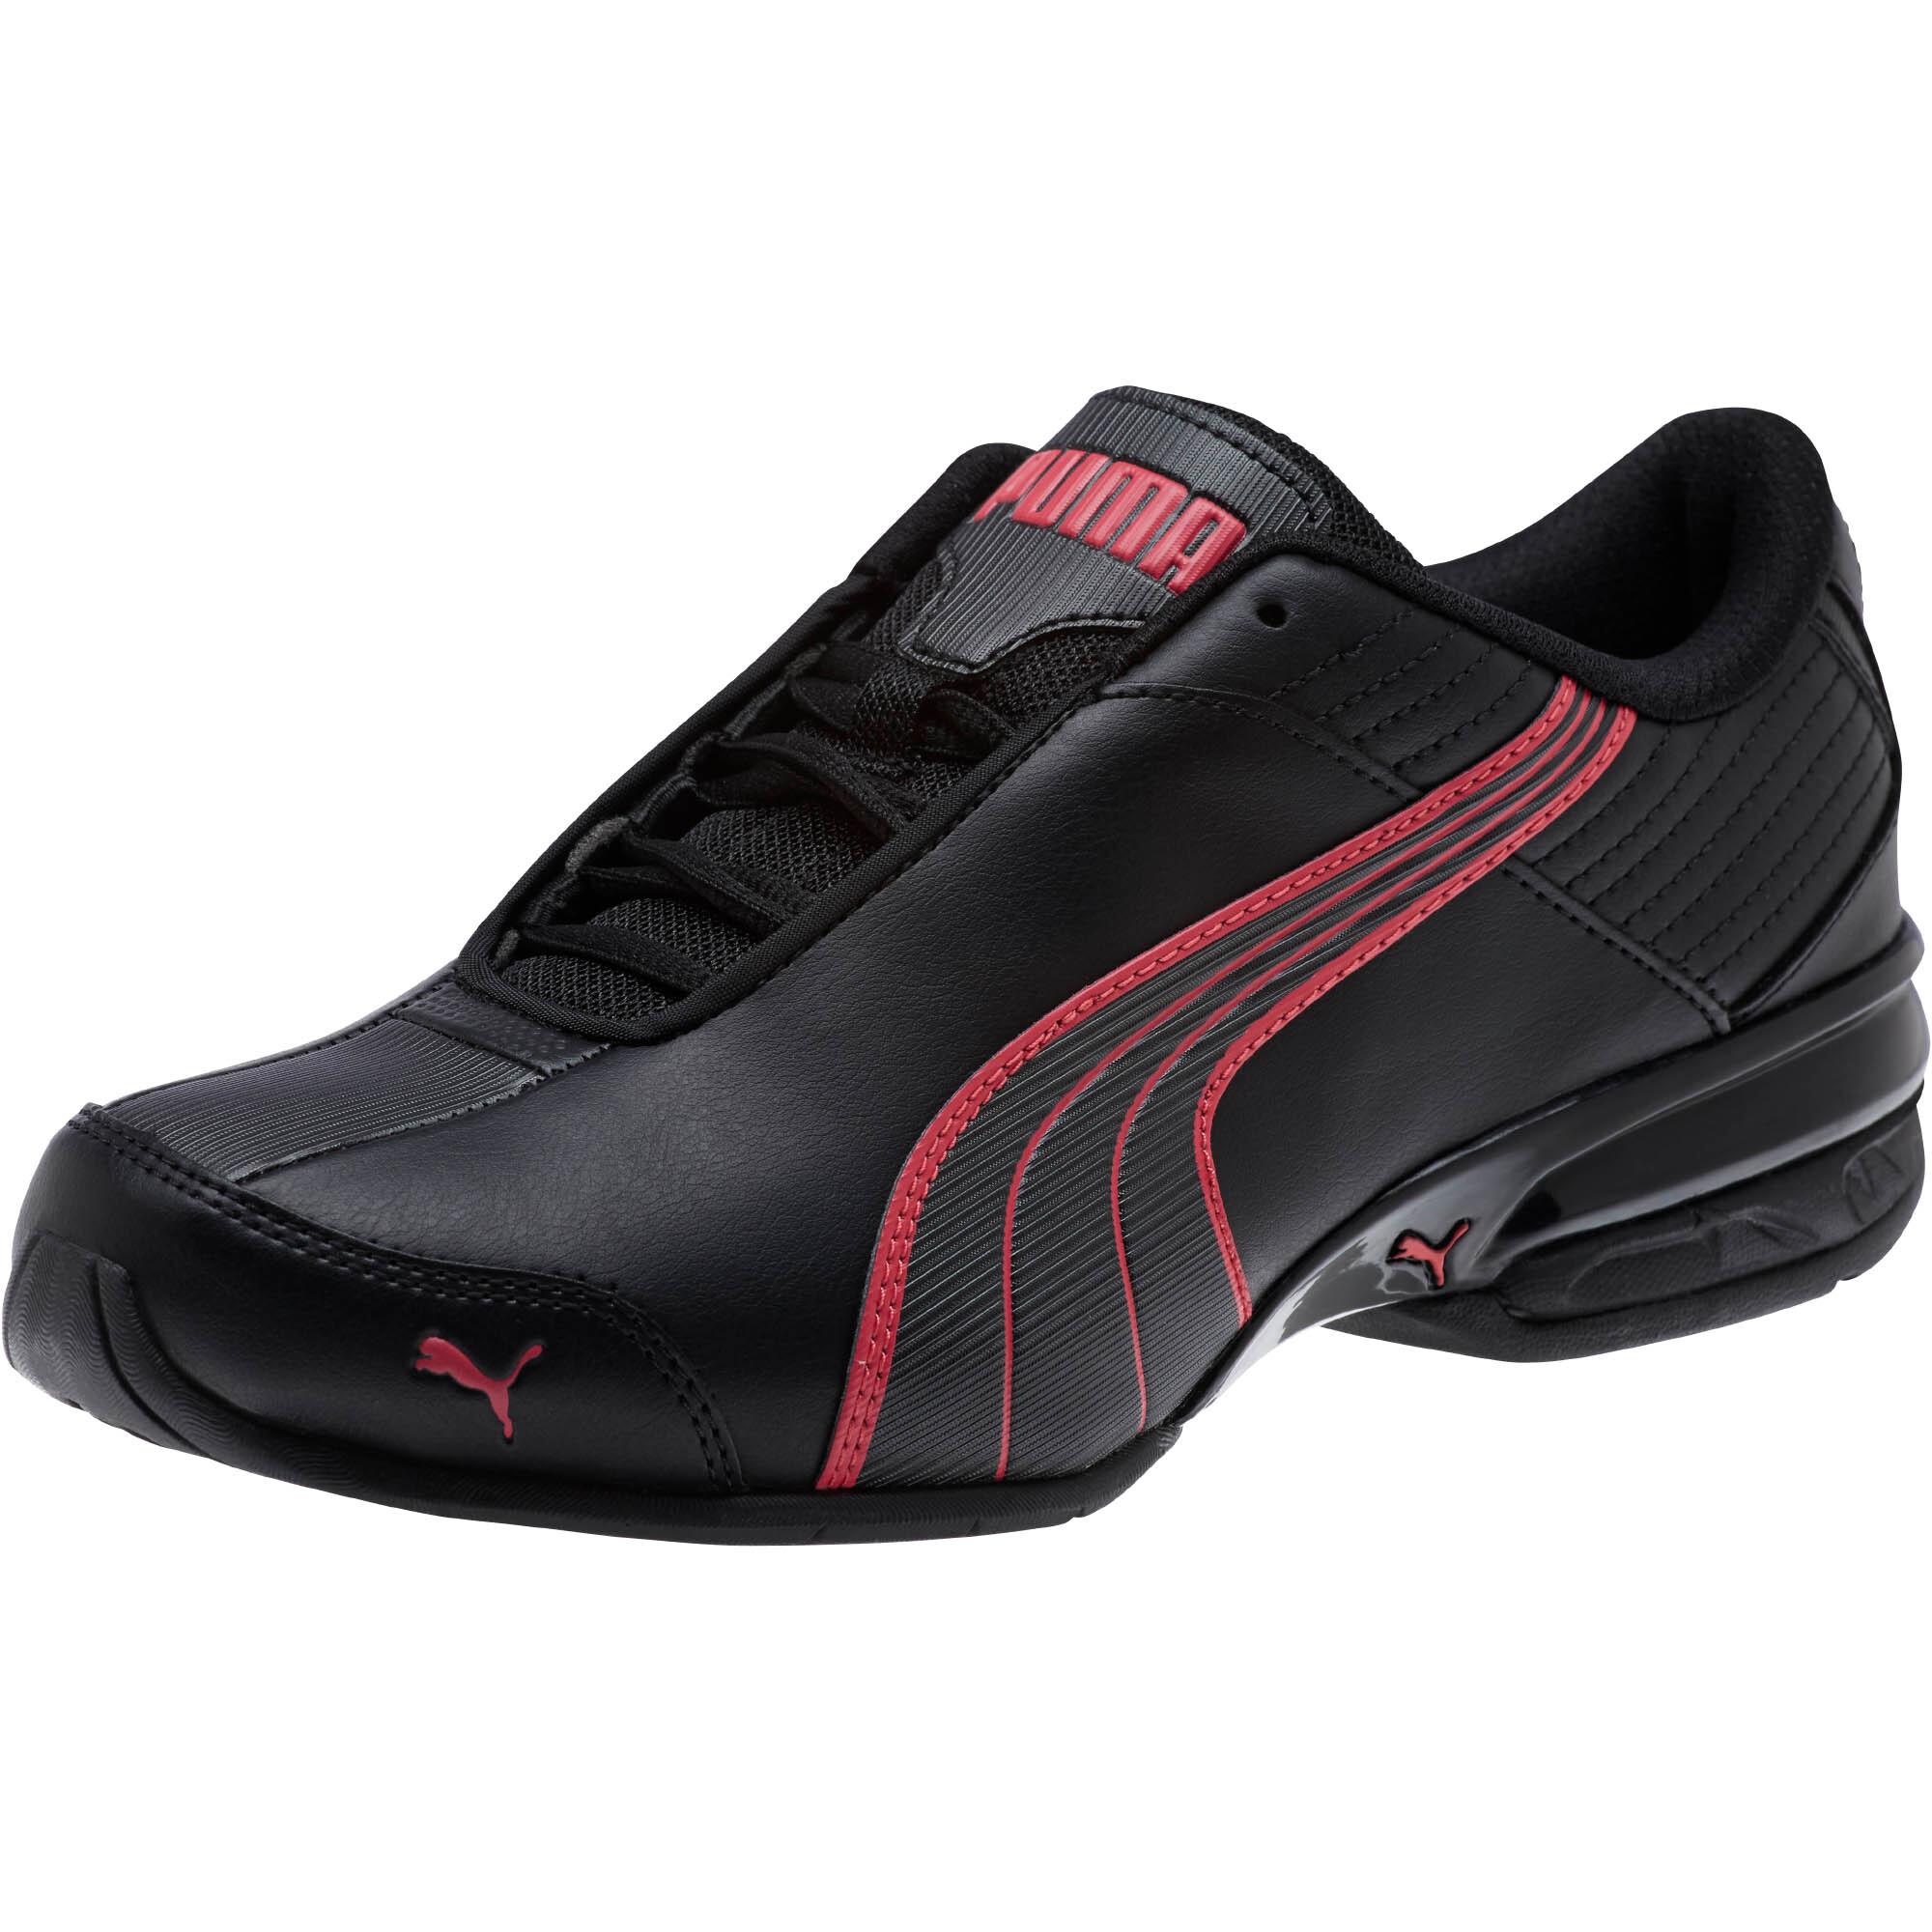 PUMA-Super-Elevate-Women-039-s-Training-Shoes-Women-Shoe-Running thumbnail 4